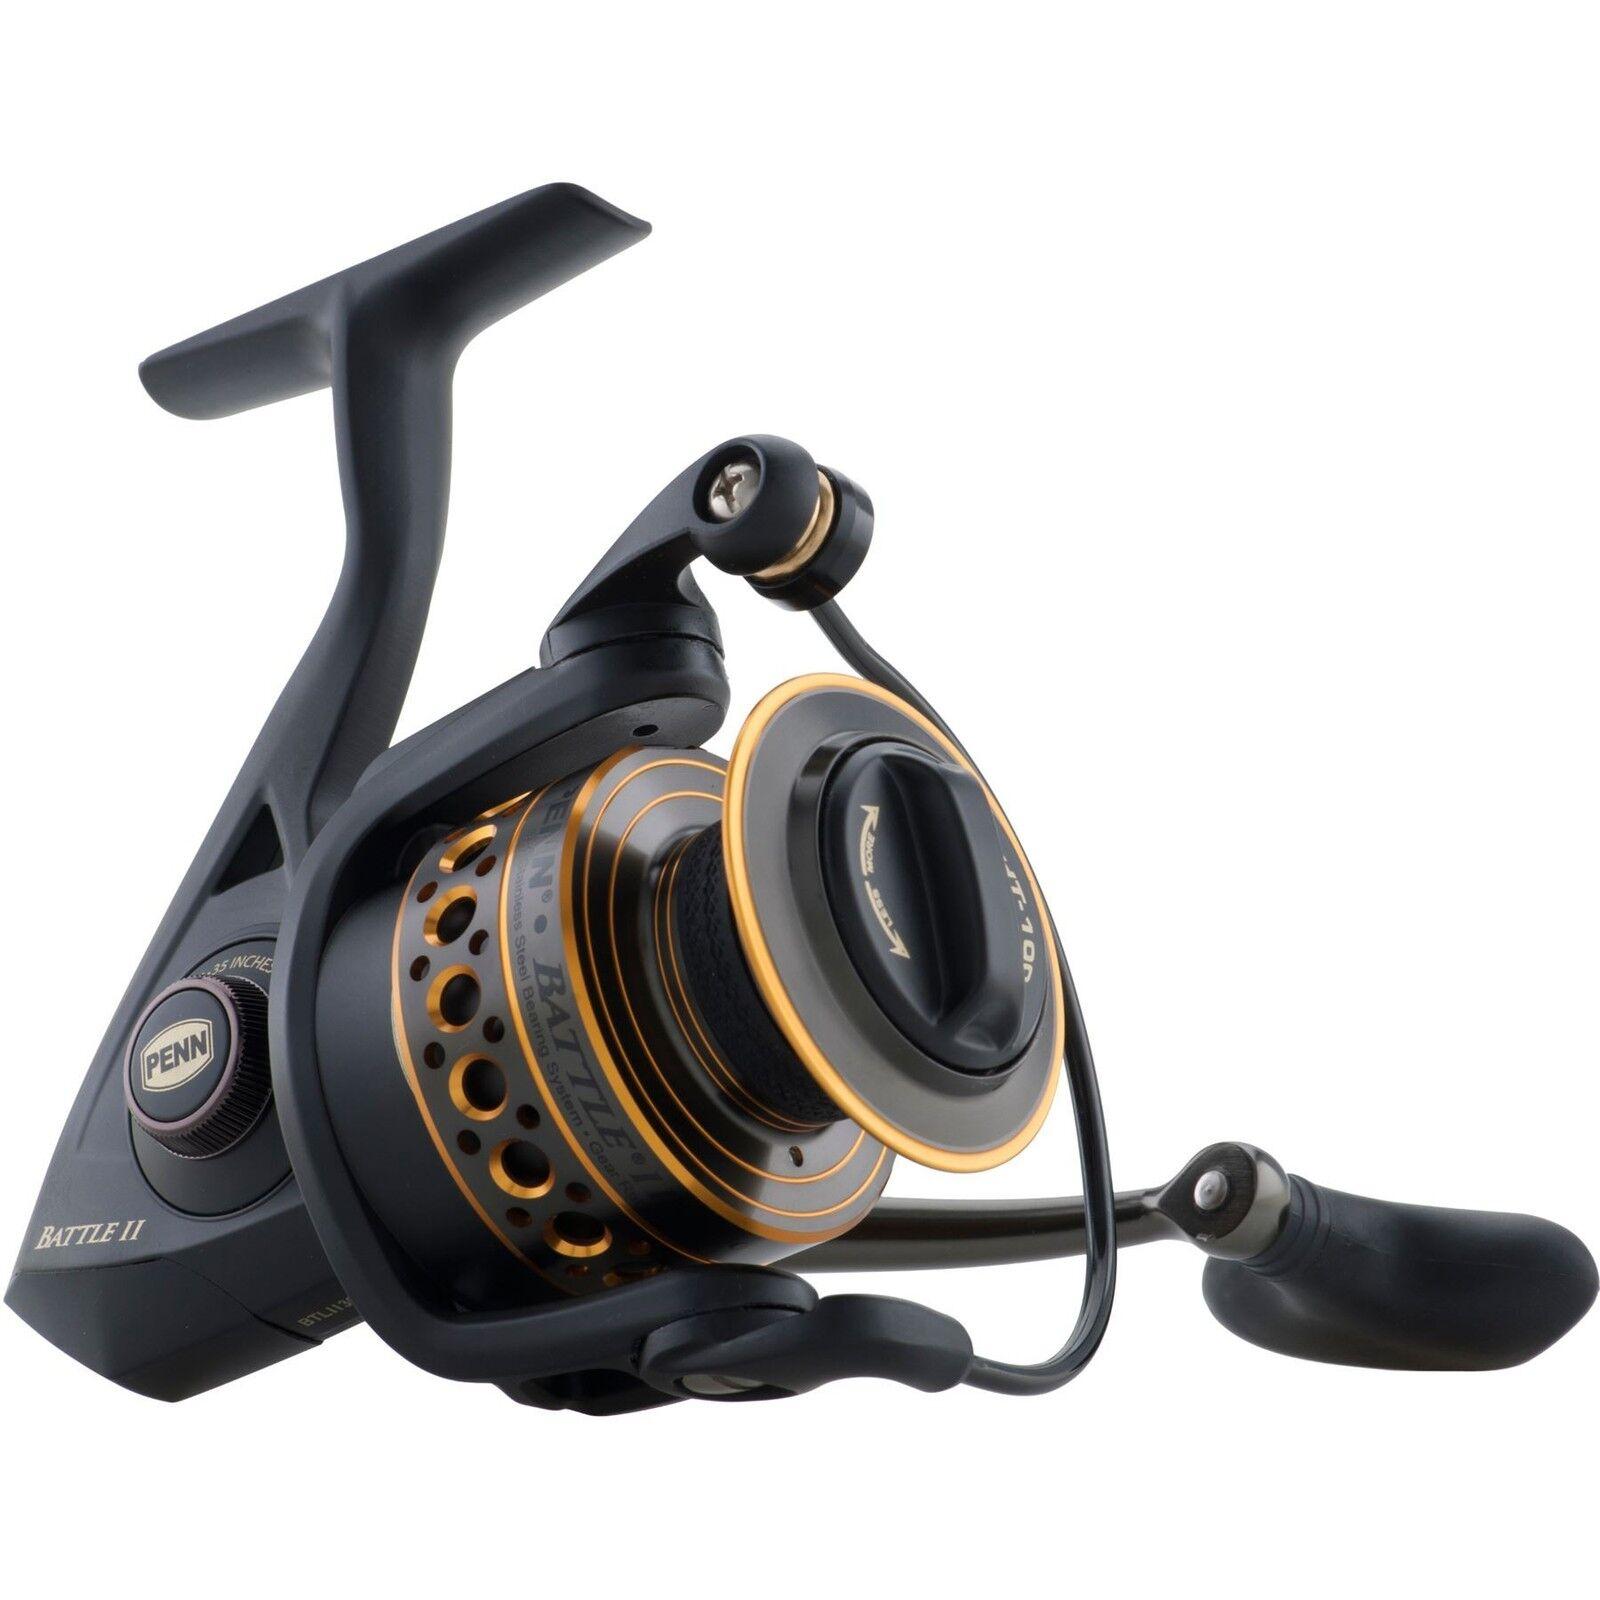 Penn Battle II 3000   Fishing Reel   1338218